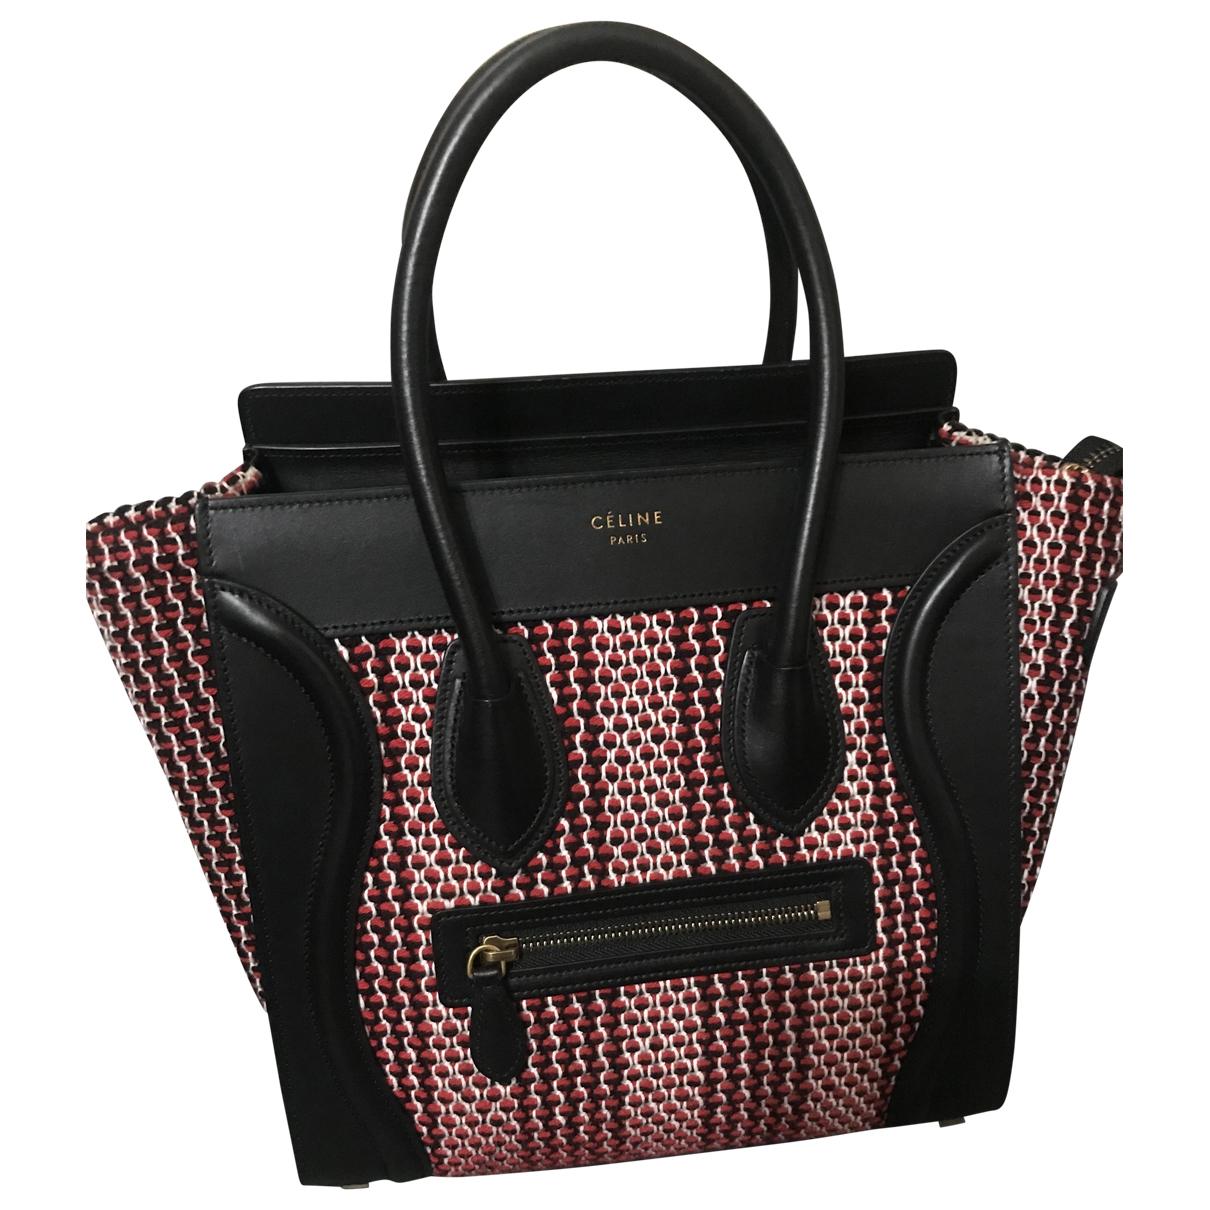 Celine - Sac a main Luggage pour femme en laine - rouge